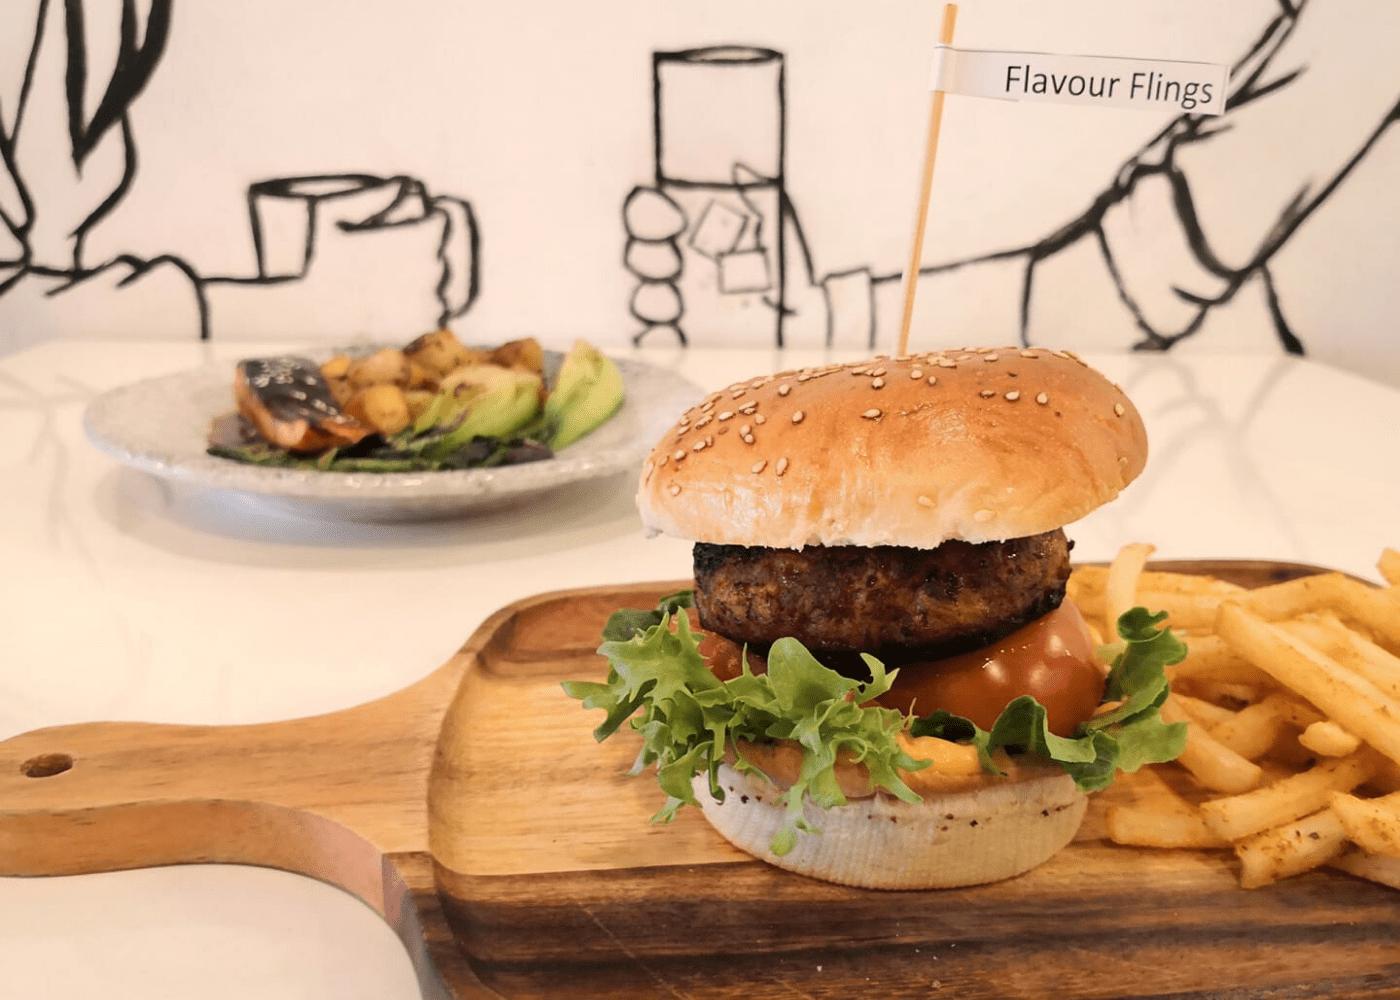 flavour flings | burgers | halal restaurants and cafés in Singapore